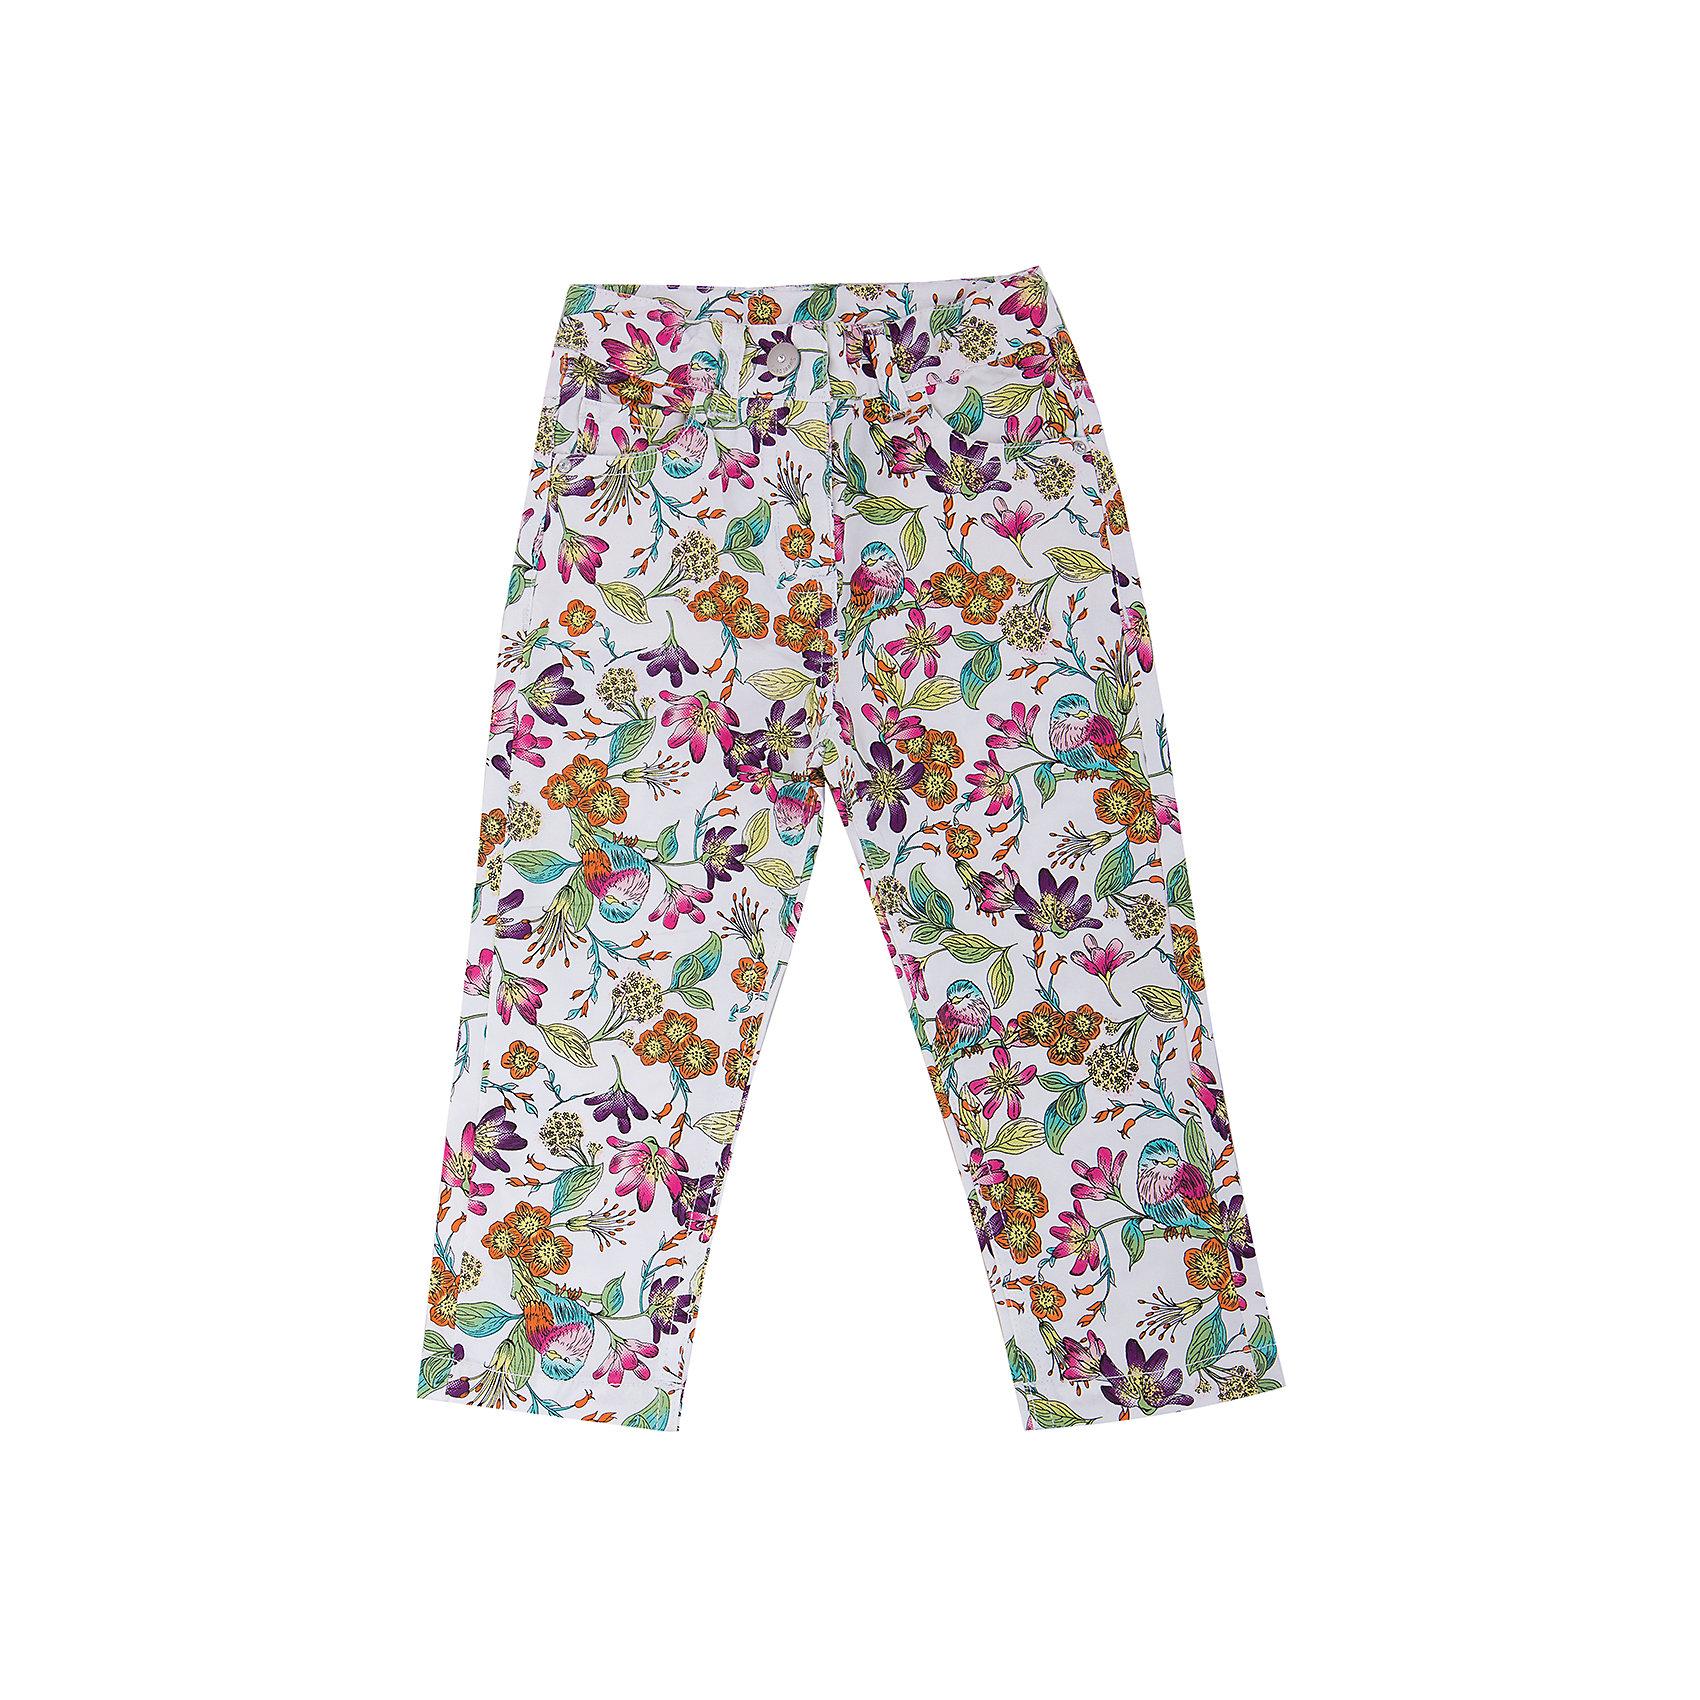 Брюки для девочки Sweet BerryБрюки для девочки от известного бренда Sweet Berry<br>Яркие принтованные летние брюки на девочку, из тонкого твила.. Четыре функциональных кармана, пояс регулируется внутренней резинкой.<br>Состав:<br>98% хлопок,2% эластан<br><br>Ширина мм: 215<br>Глубина мм: 88<br>Высота мм: 191<br>Вес г: 336<br>Цвет: разноцветный<br>Возраст от месяцев: 24<br>Возраст до месяцев: 36<br>Пол: Женский<br>Возраст: Детский<br>Размер: 98,80,86,92<br>SKU: 4739507